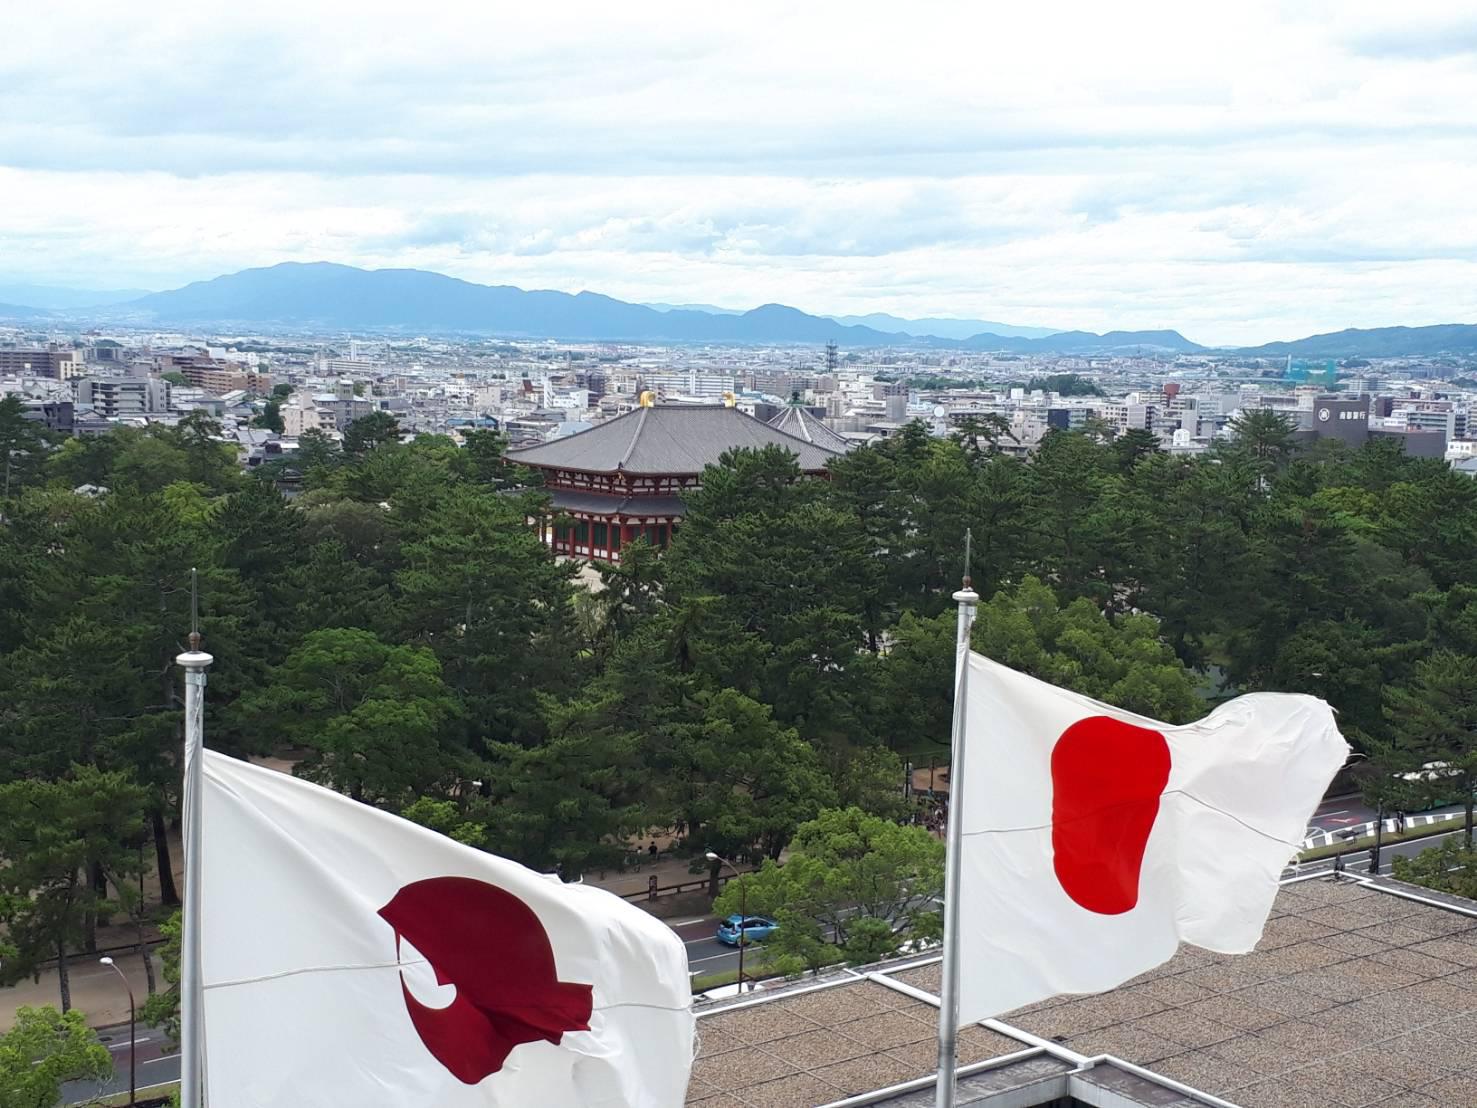 奈良より金剛山・葛城山・二上山を望む